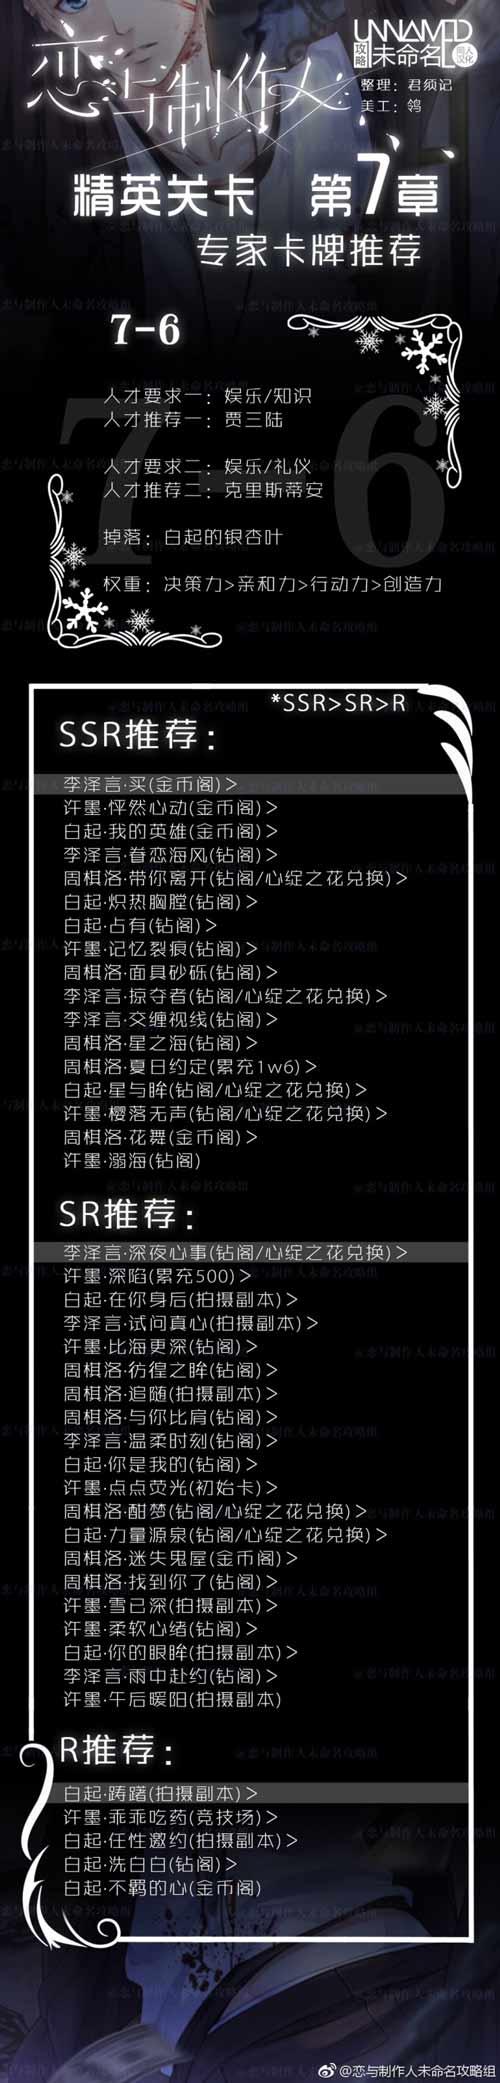 恋与制作人精英7-6关攻略 精英第七章怎么过